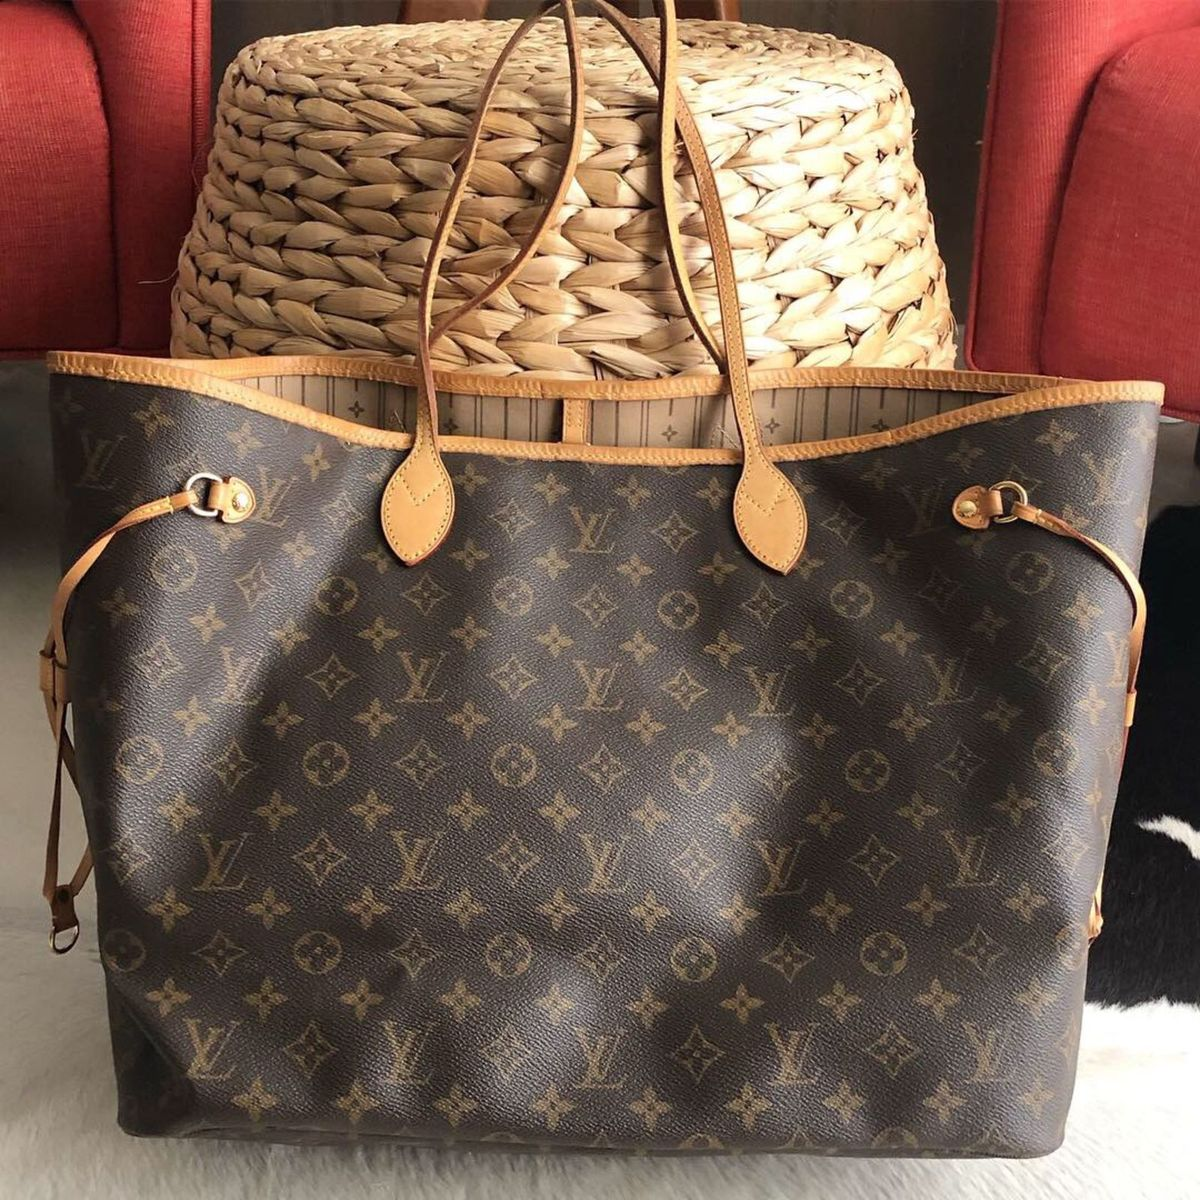 df4a5b902 Bolsa Louis Vuitton Neverfull Gm Original | Bolsa Masculina Louis Vuitton  Usado 31212781 | enjoei